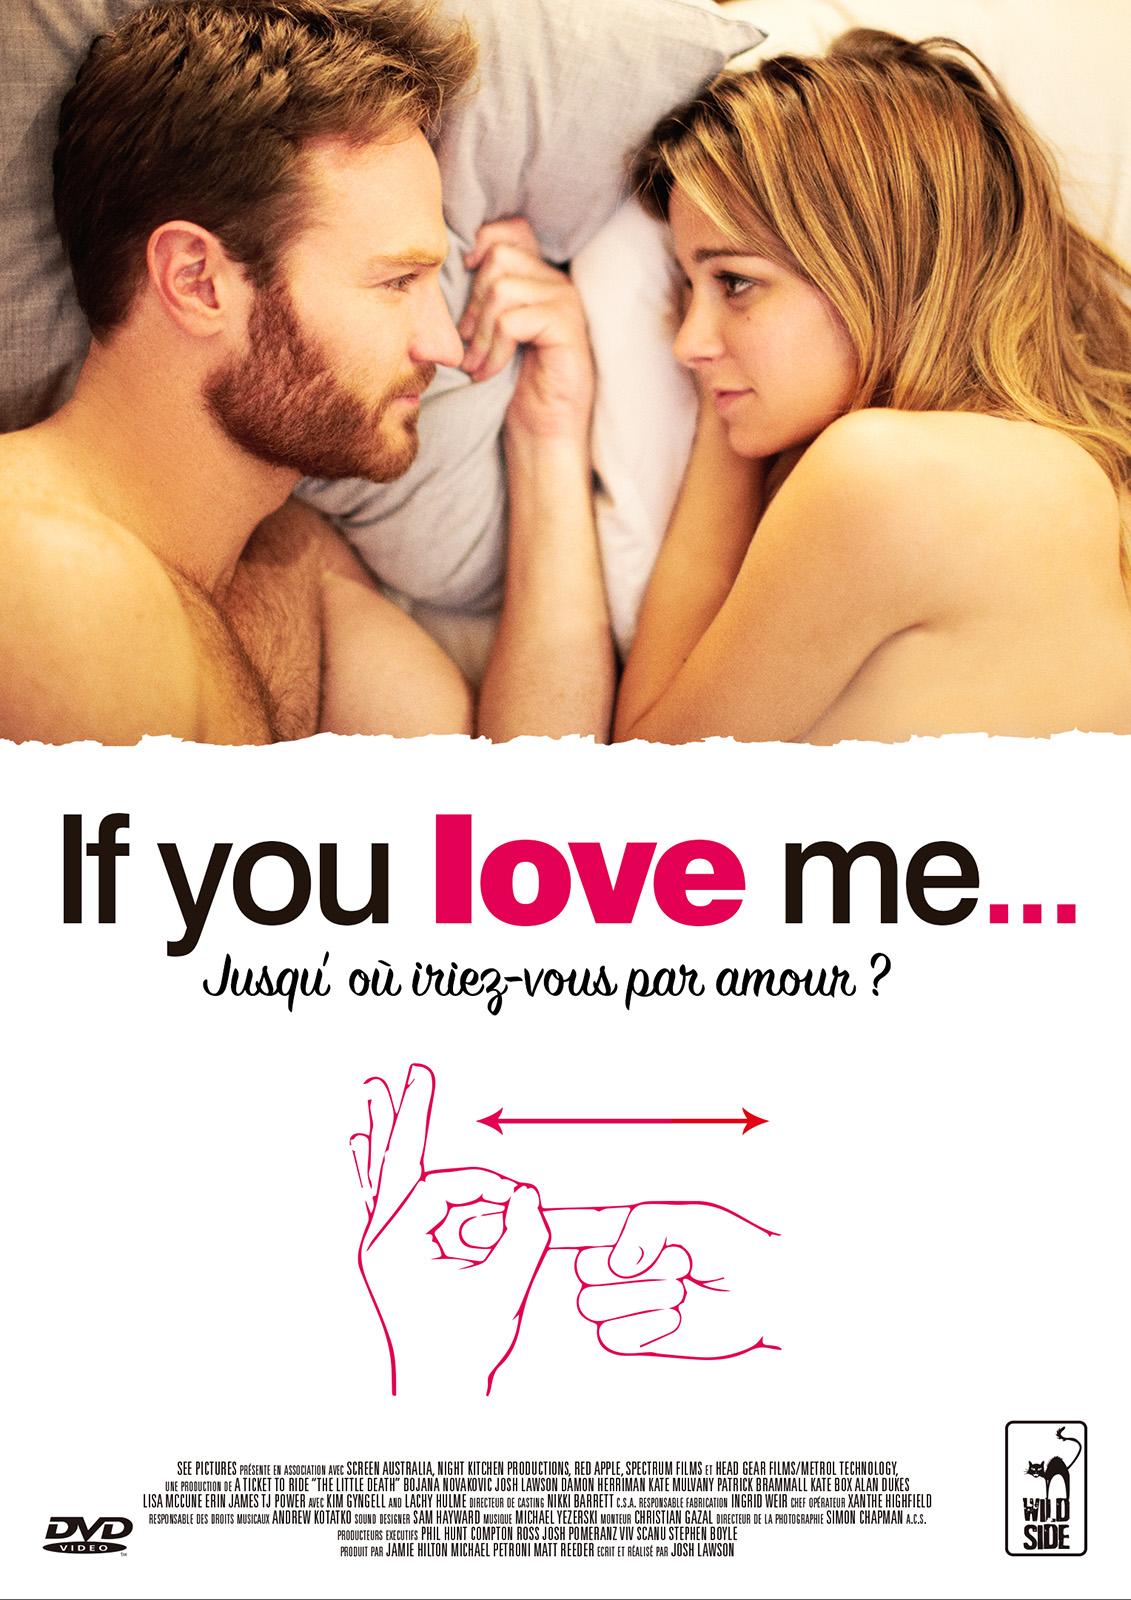 Les films avec des scènes de sexe non simulées ne